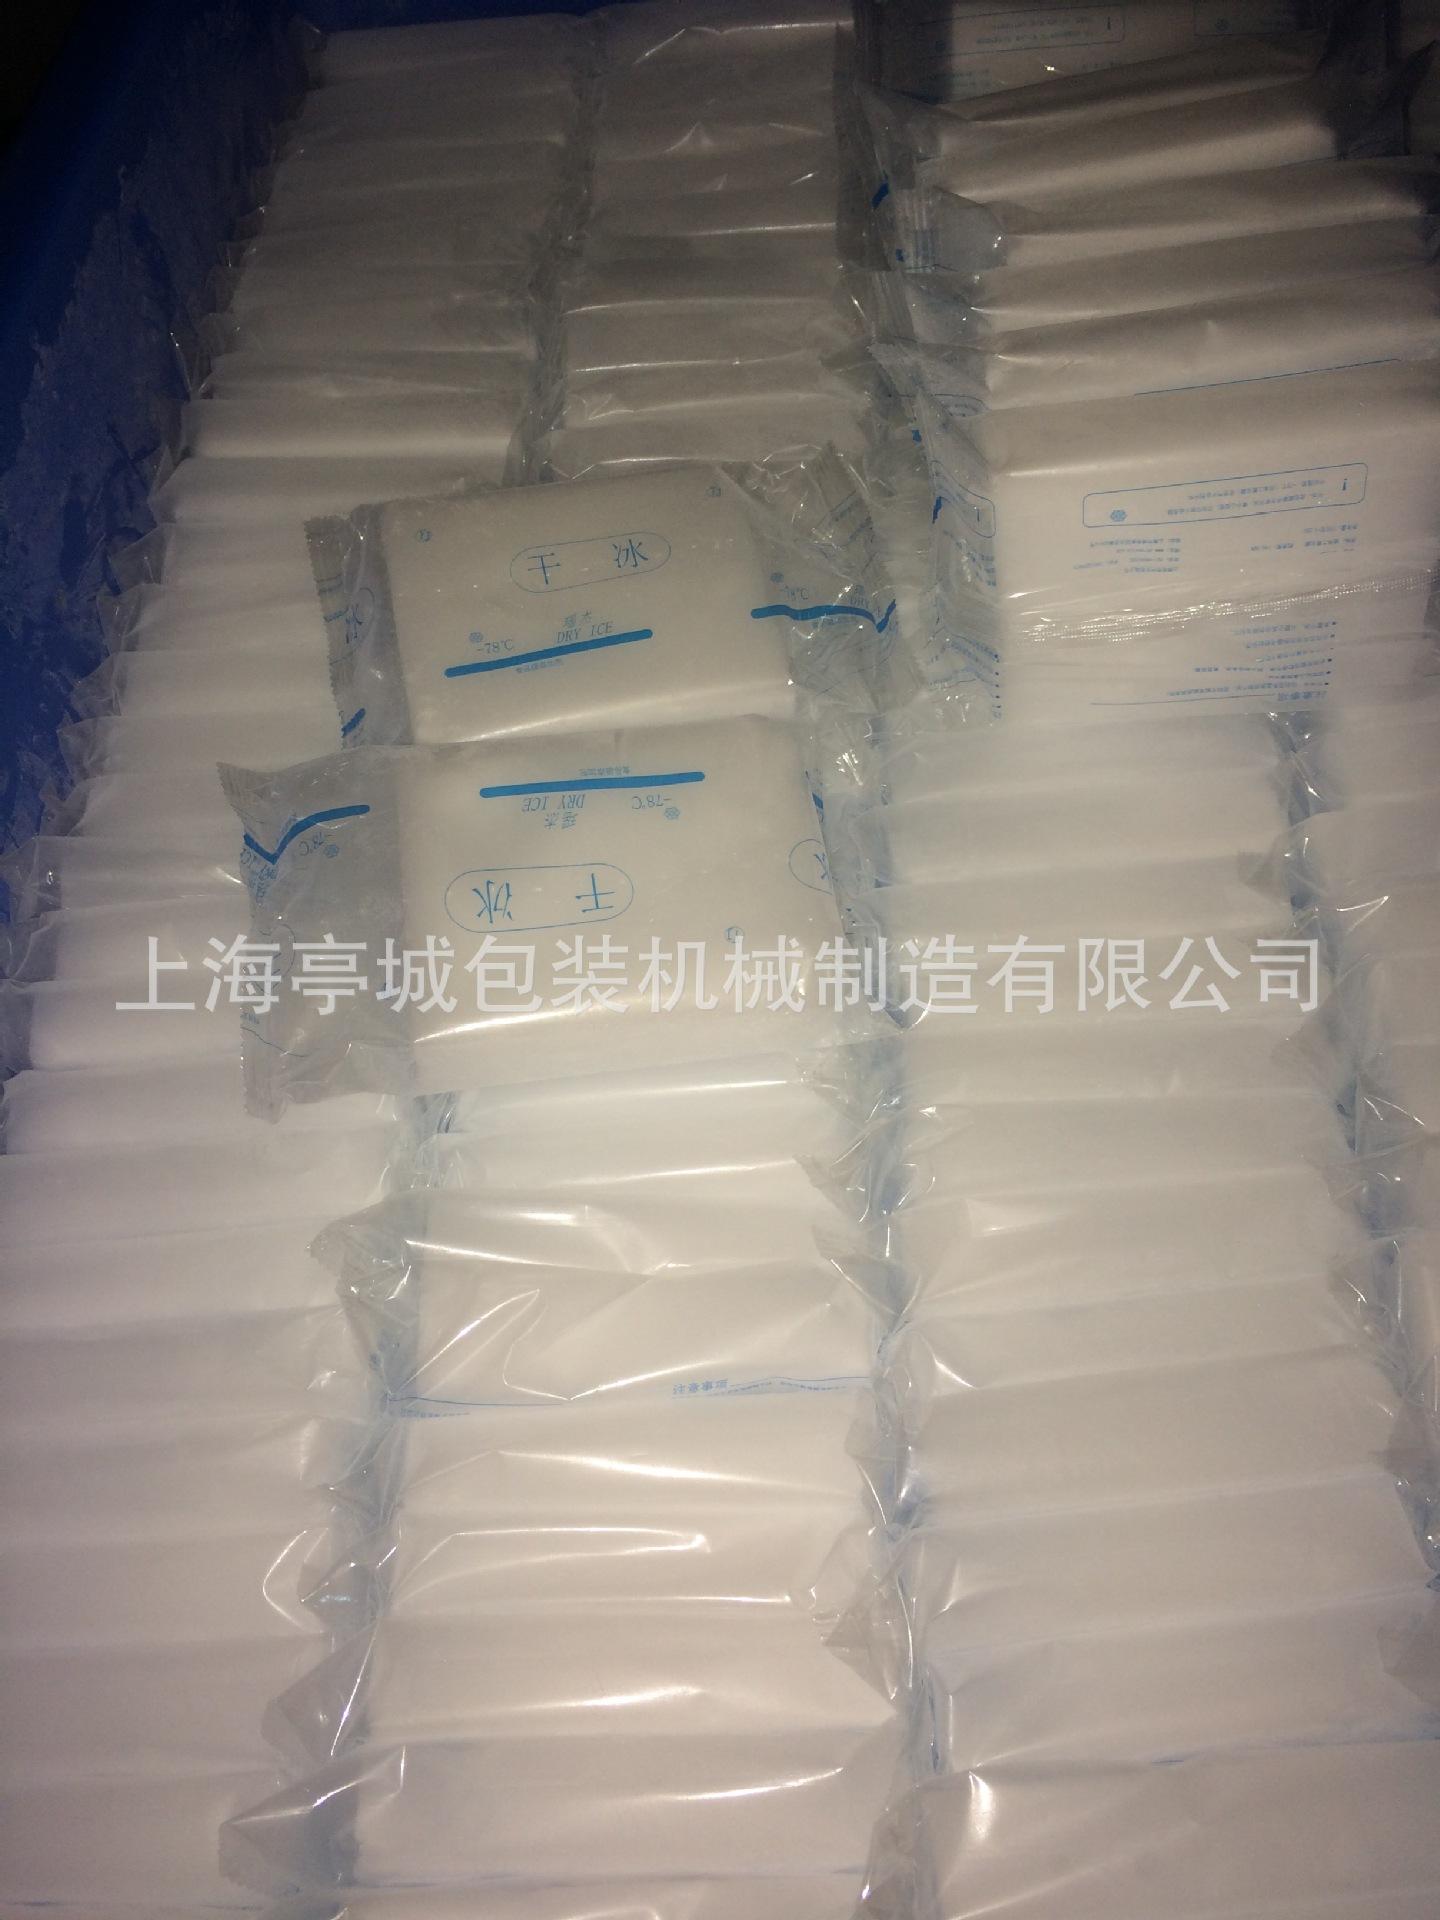 直销暖宝宝 刀叉勺枕式高速包装机 实验容器 注射器全自动包装机示例图17